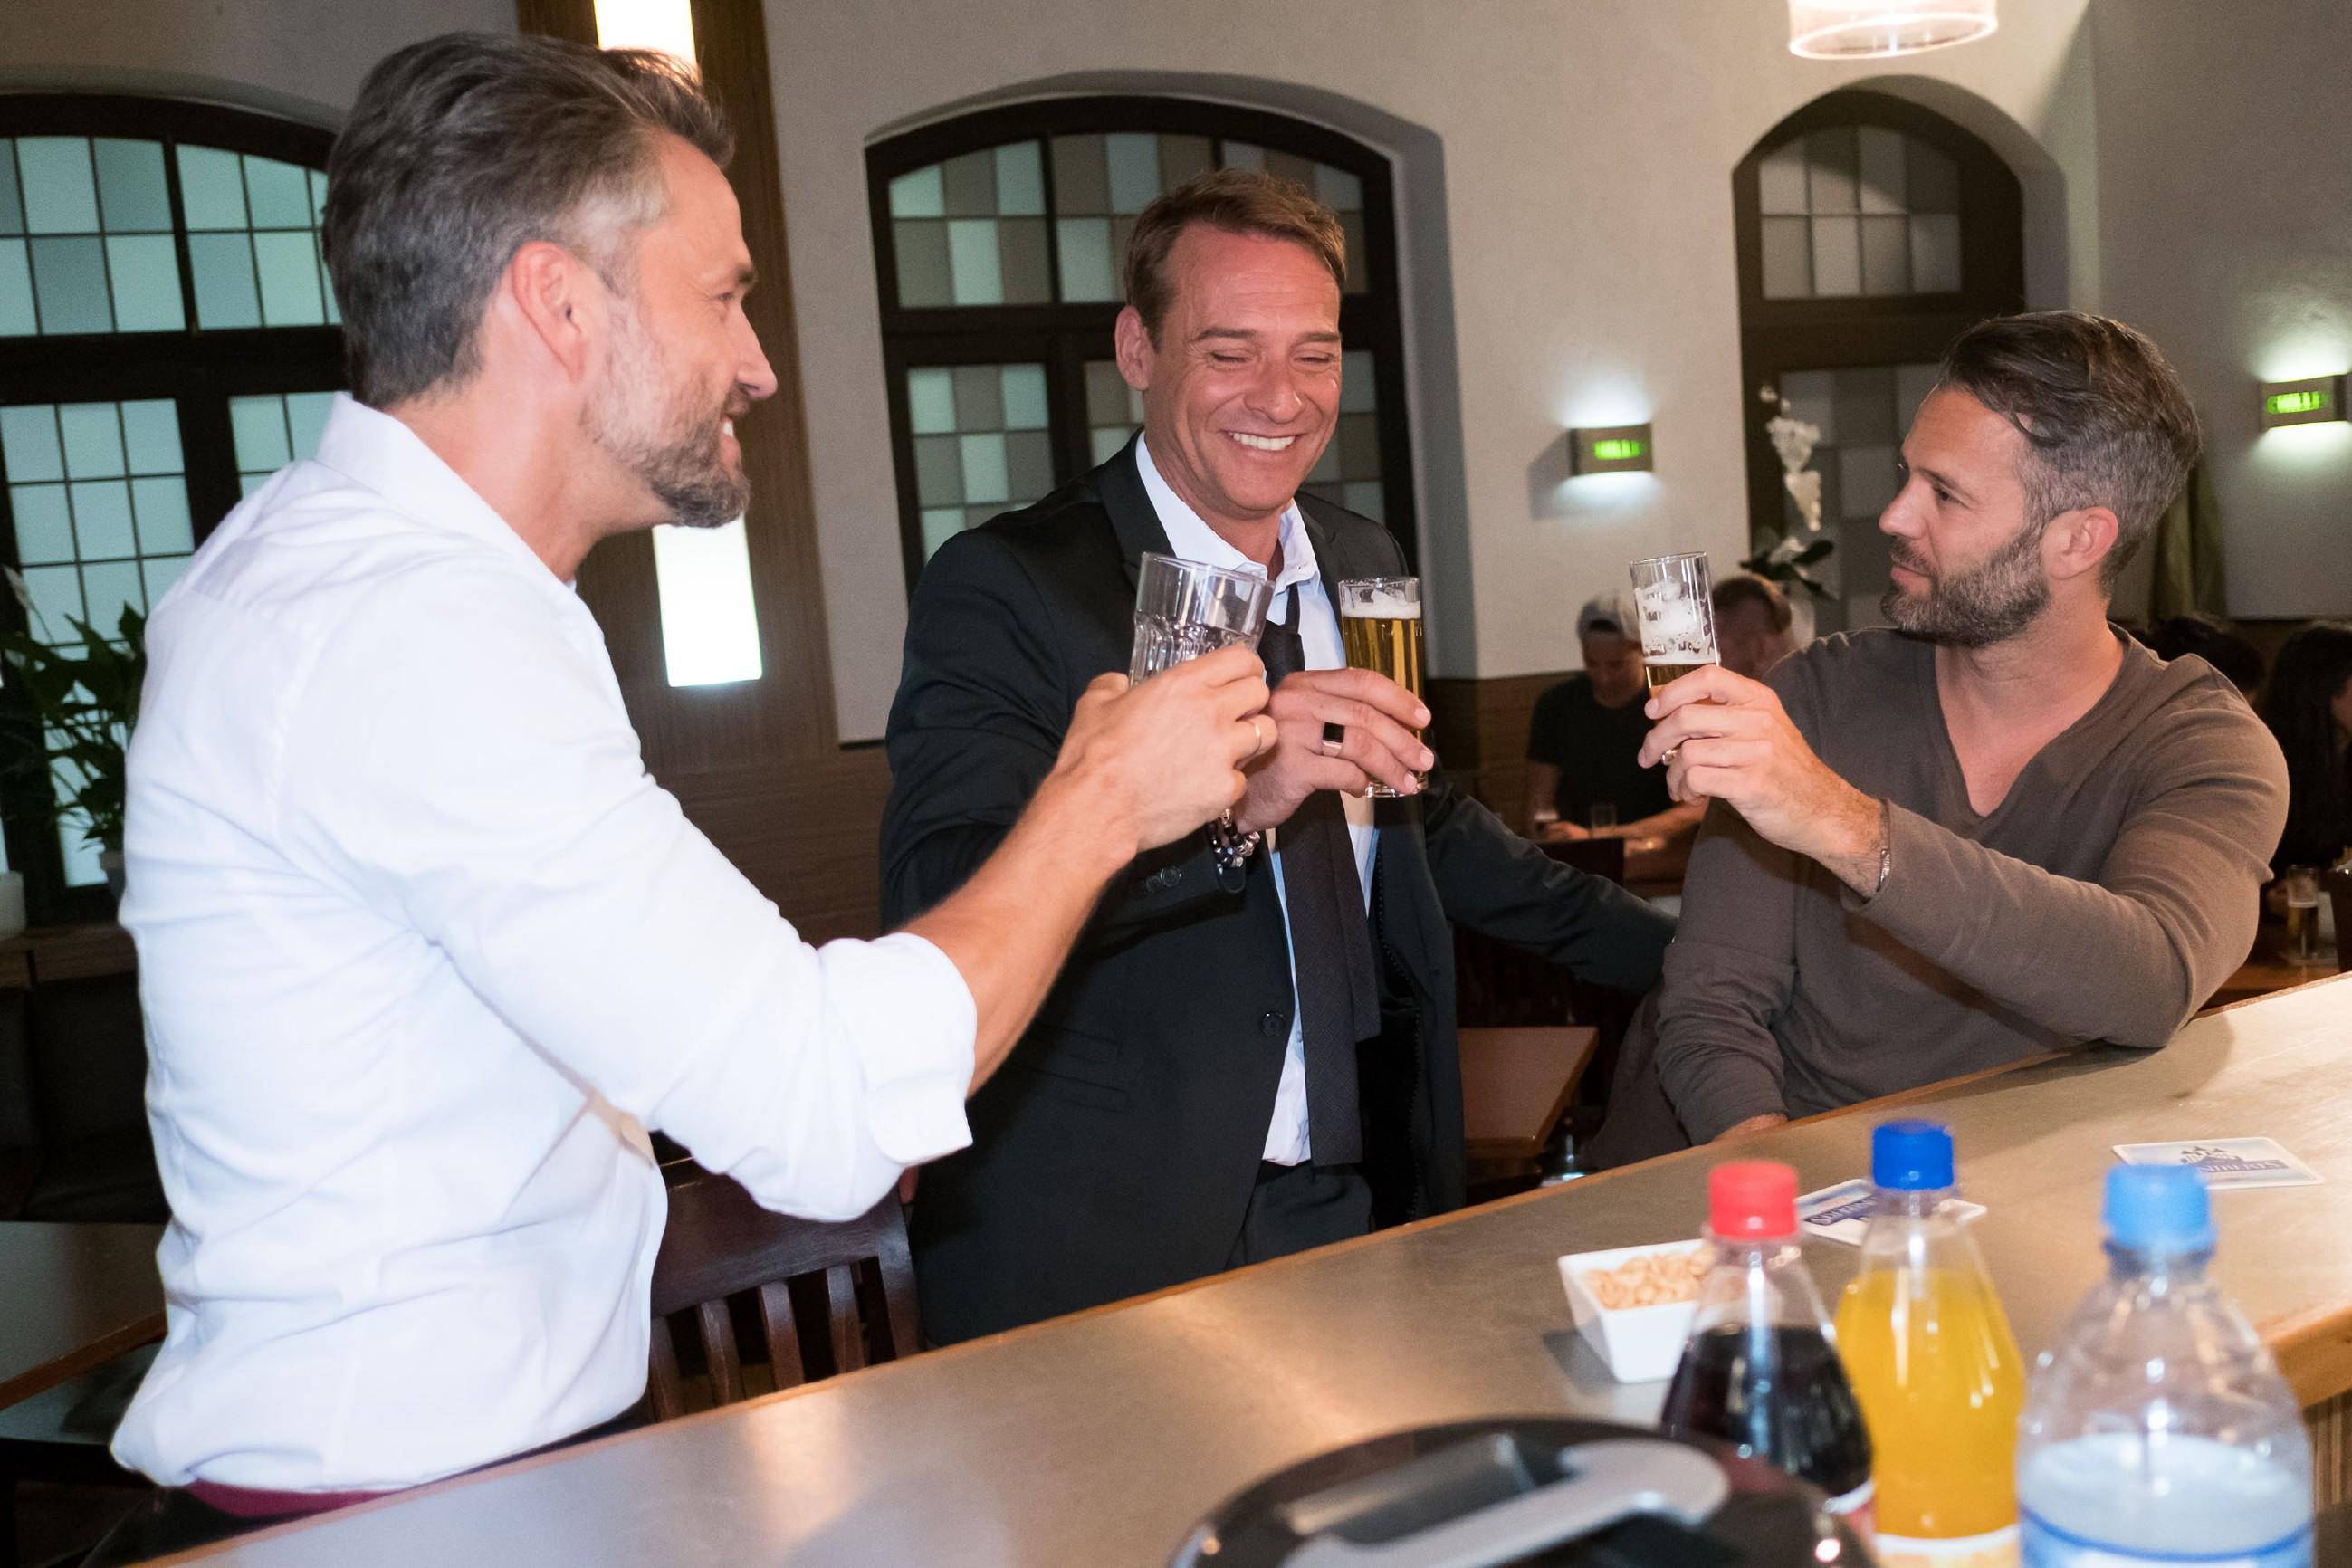 Entgegen Maltes (Stefan Bockelmann, l.) und Tills (Ben Ruedinger, r.) Befürchtungen, hat Rufus (Kai Noll) trotz seines Erfolgs noch Bodenhaftung. (Quelle: RTL / Stefan Behrens)